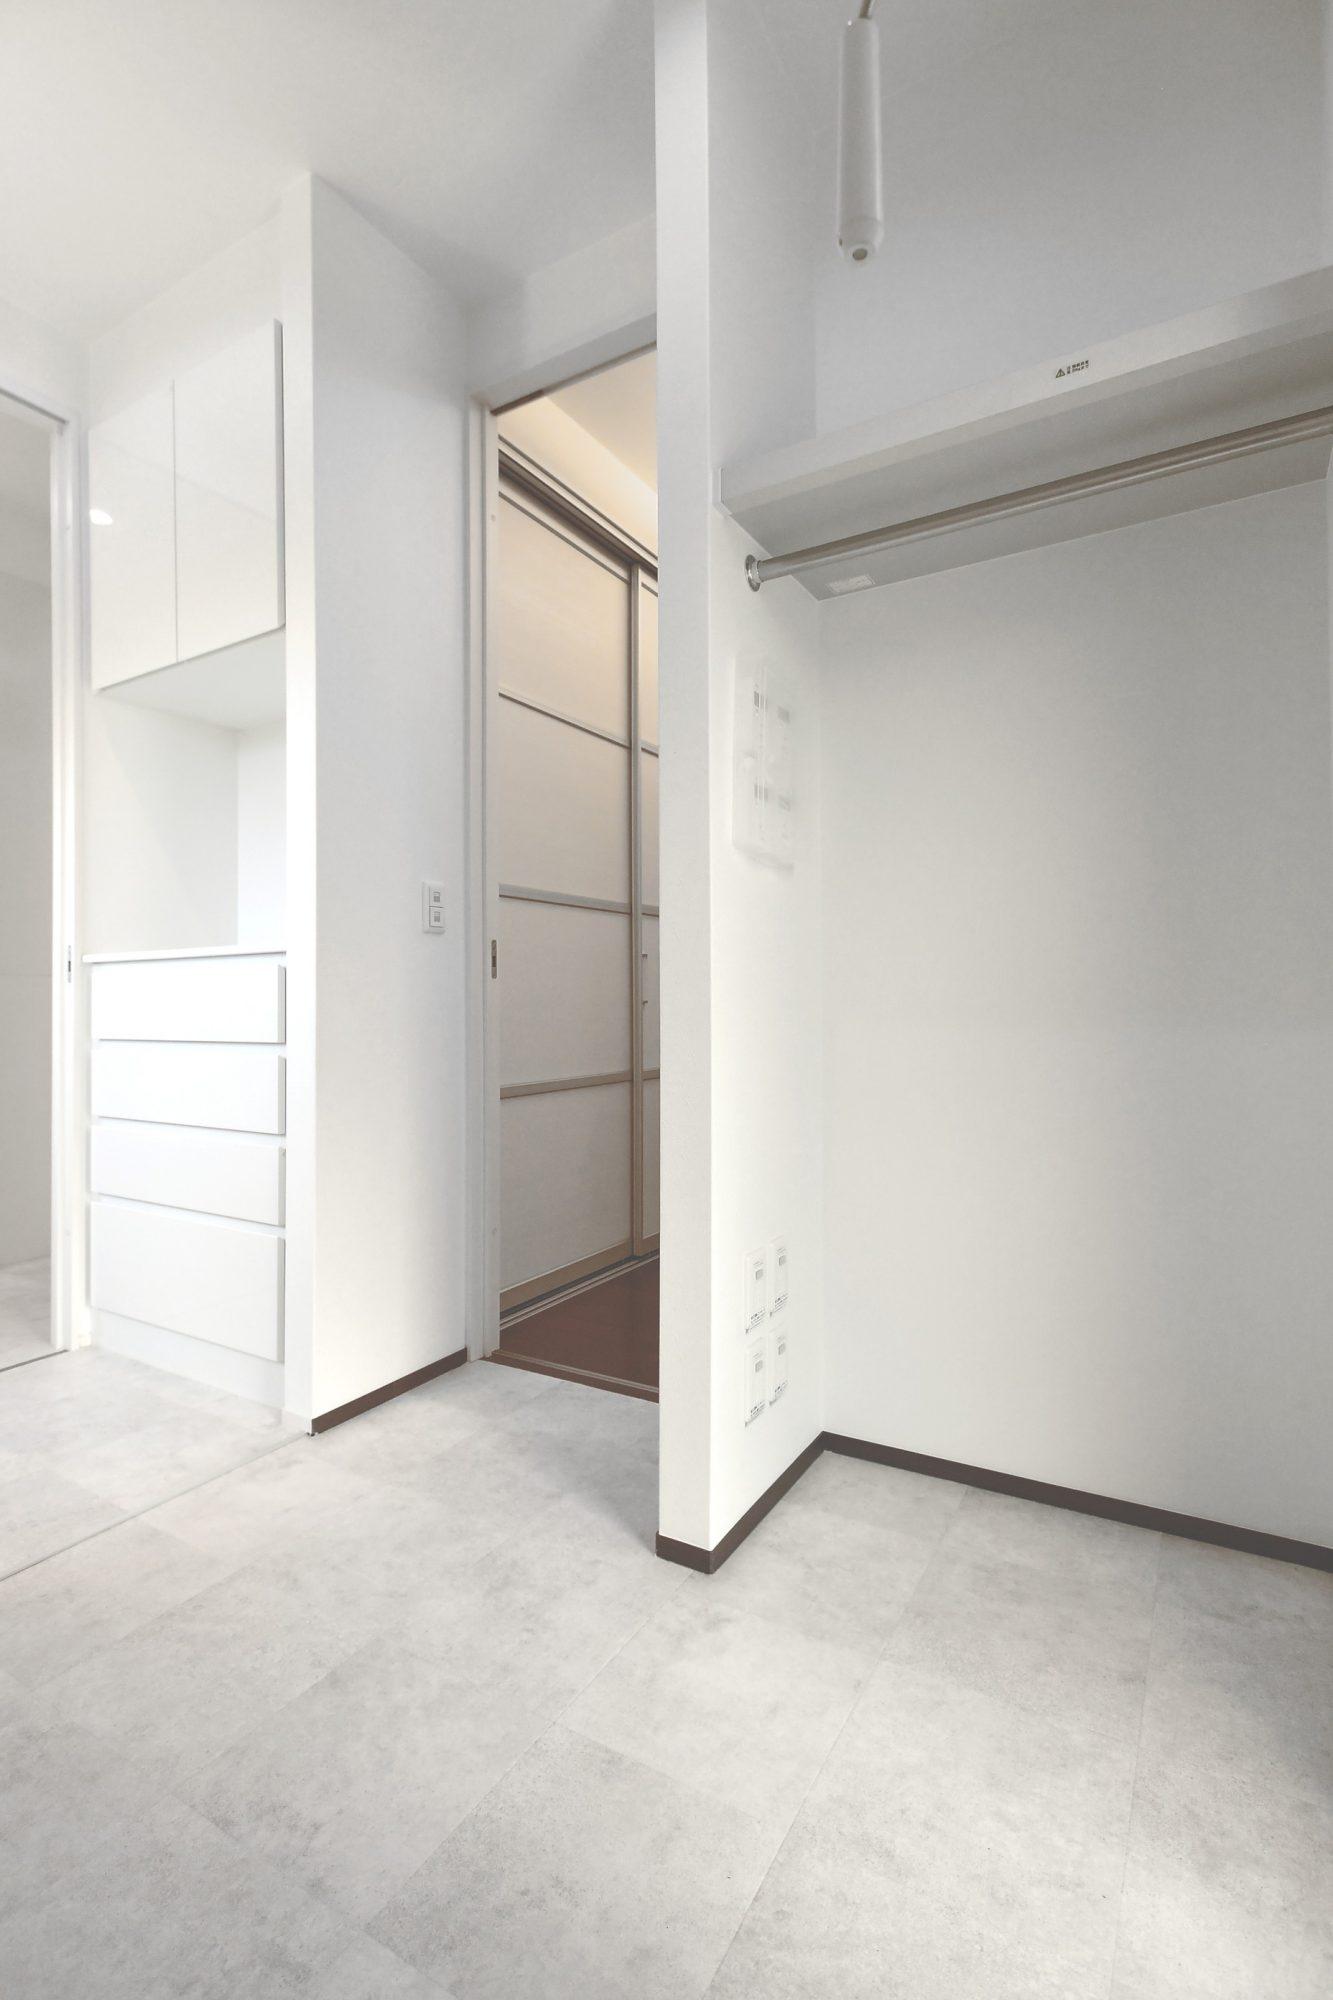 洗濯機の他、室内干しが可能なスペースがしっかり備わっています!